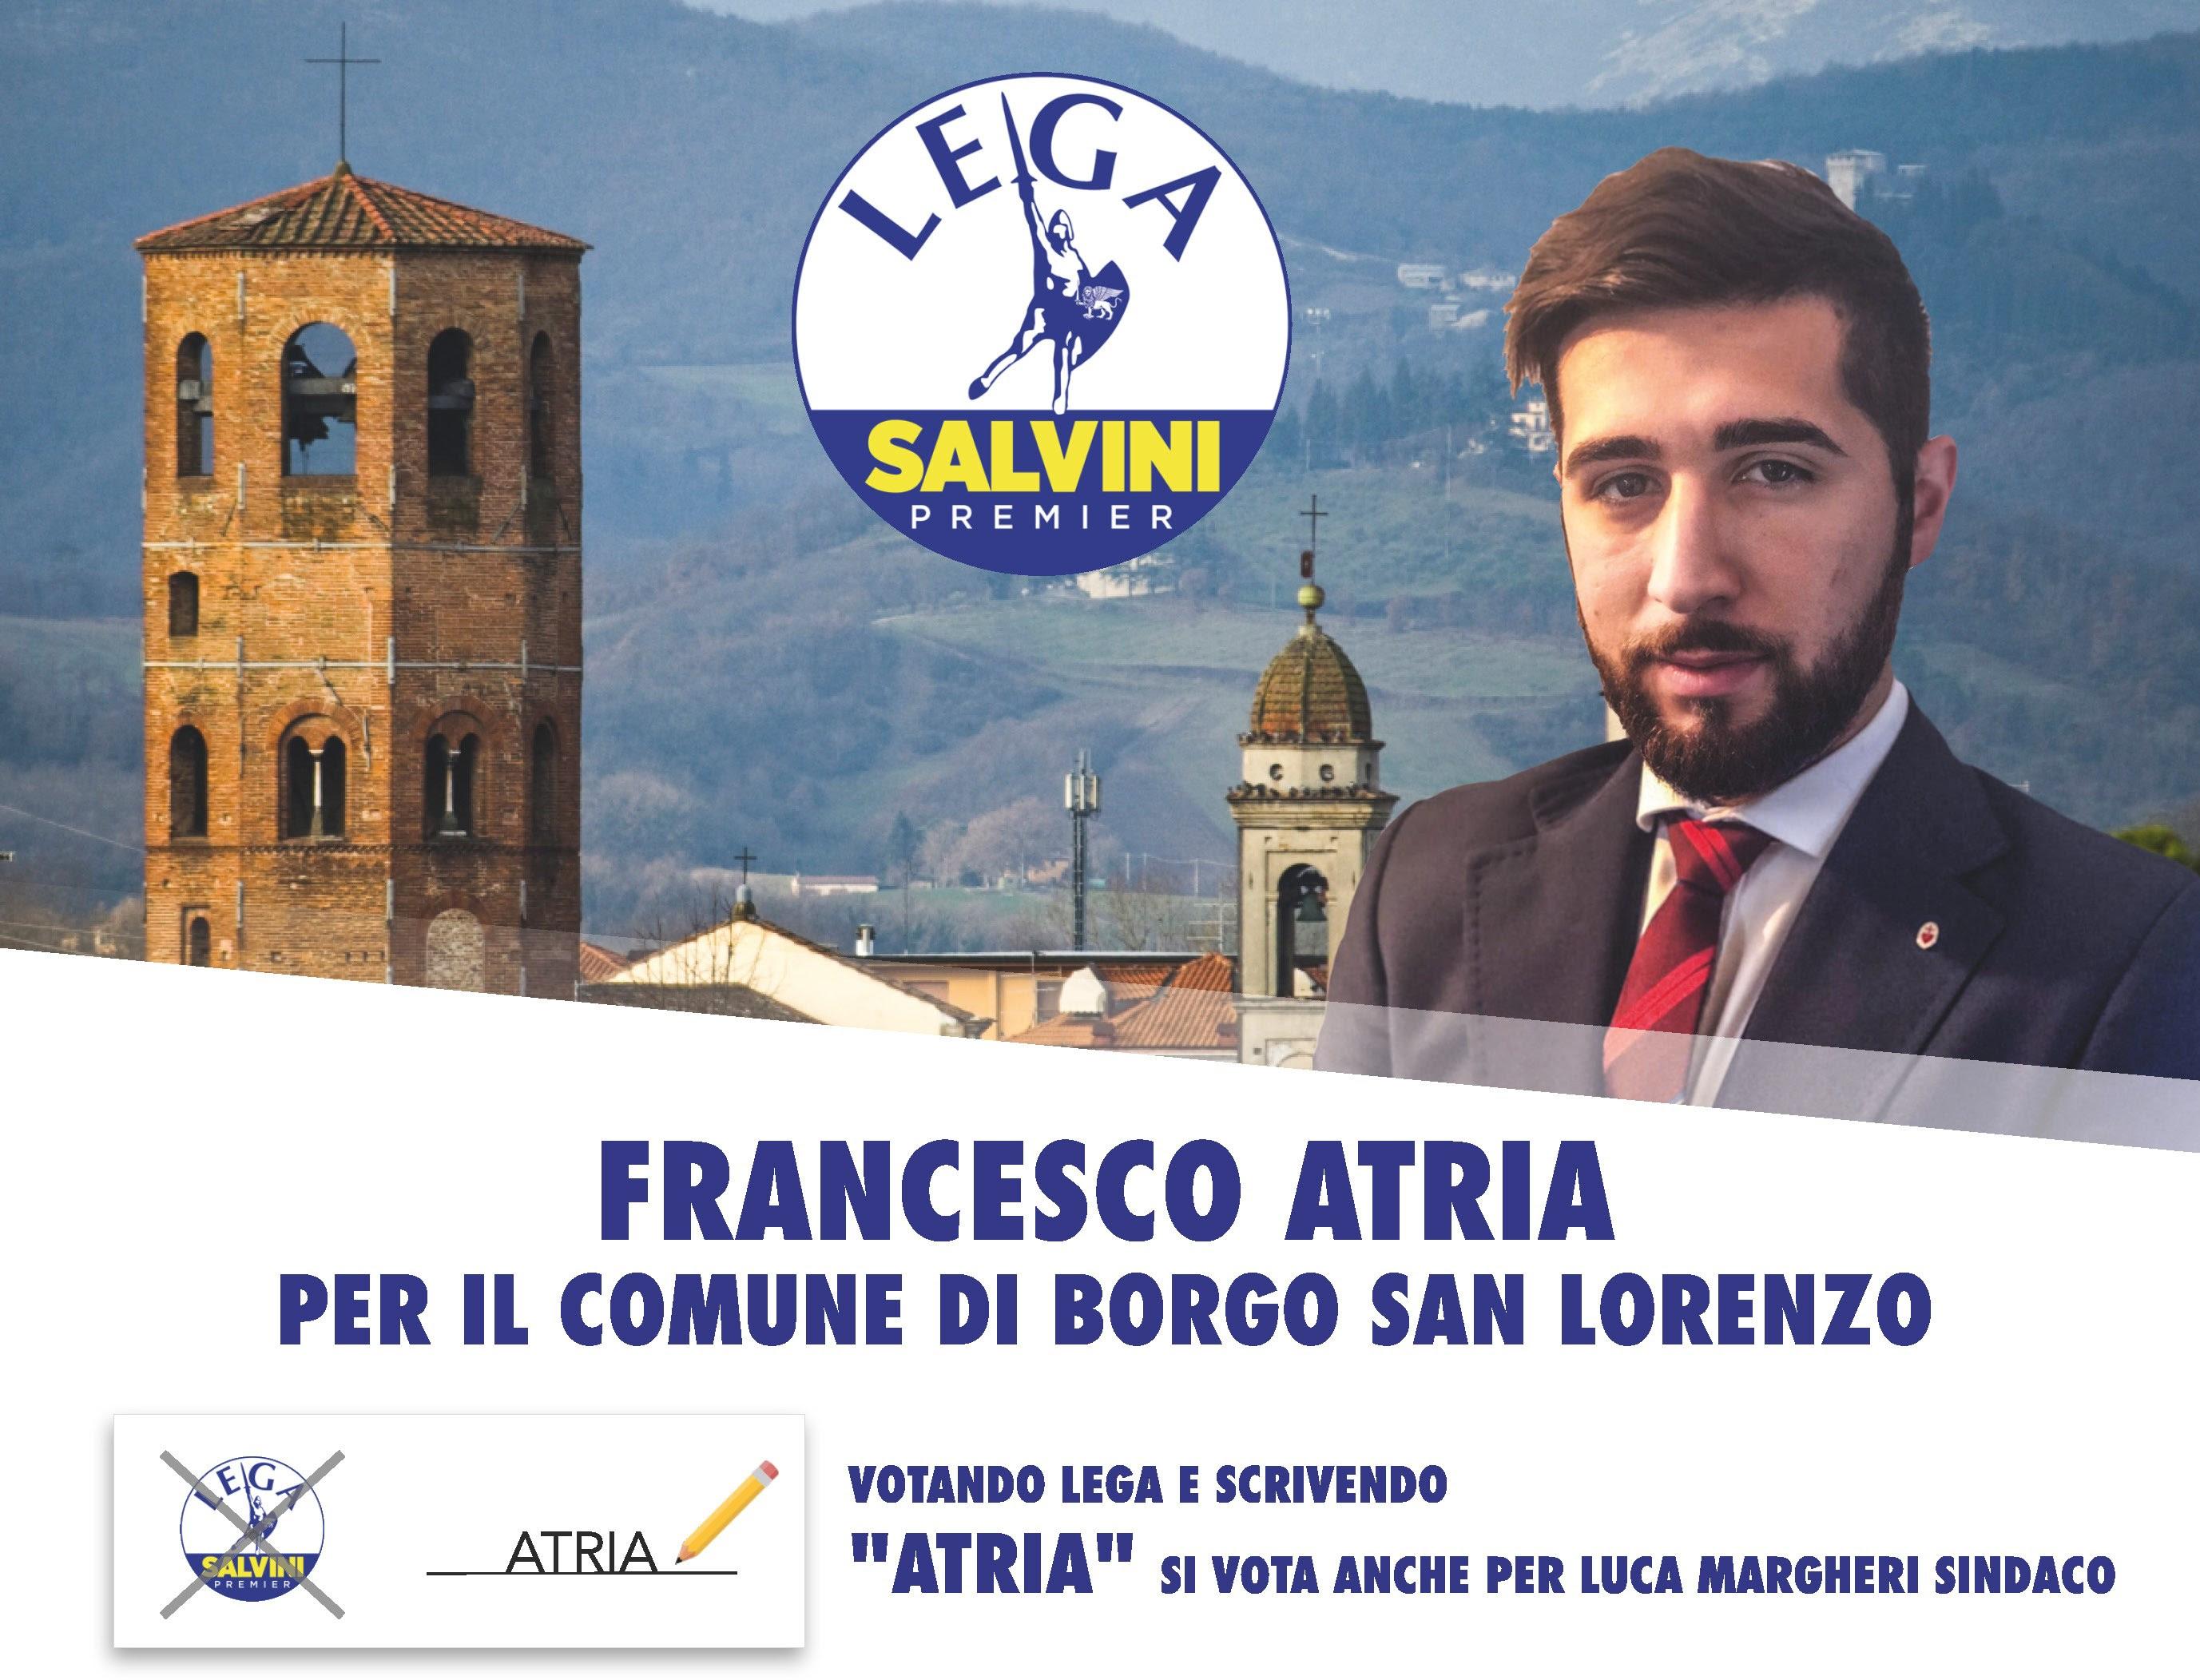 26 Maggio si vota per una Europa Cristiana, tutti i nominativi delle persone fedeli alla Tradizione città per città.